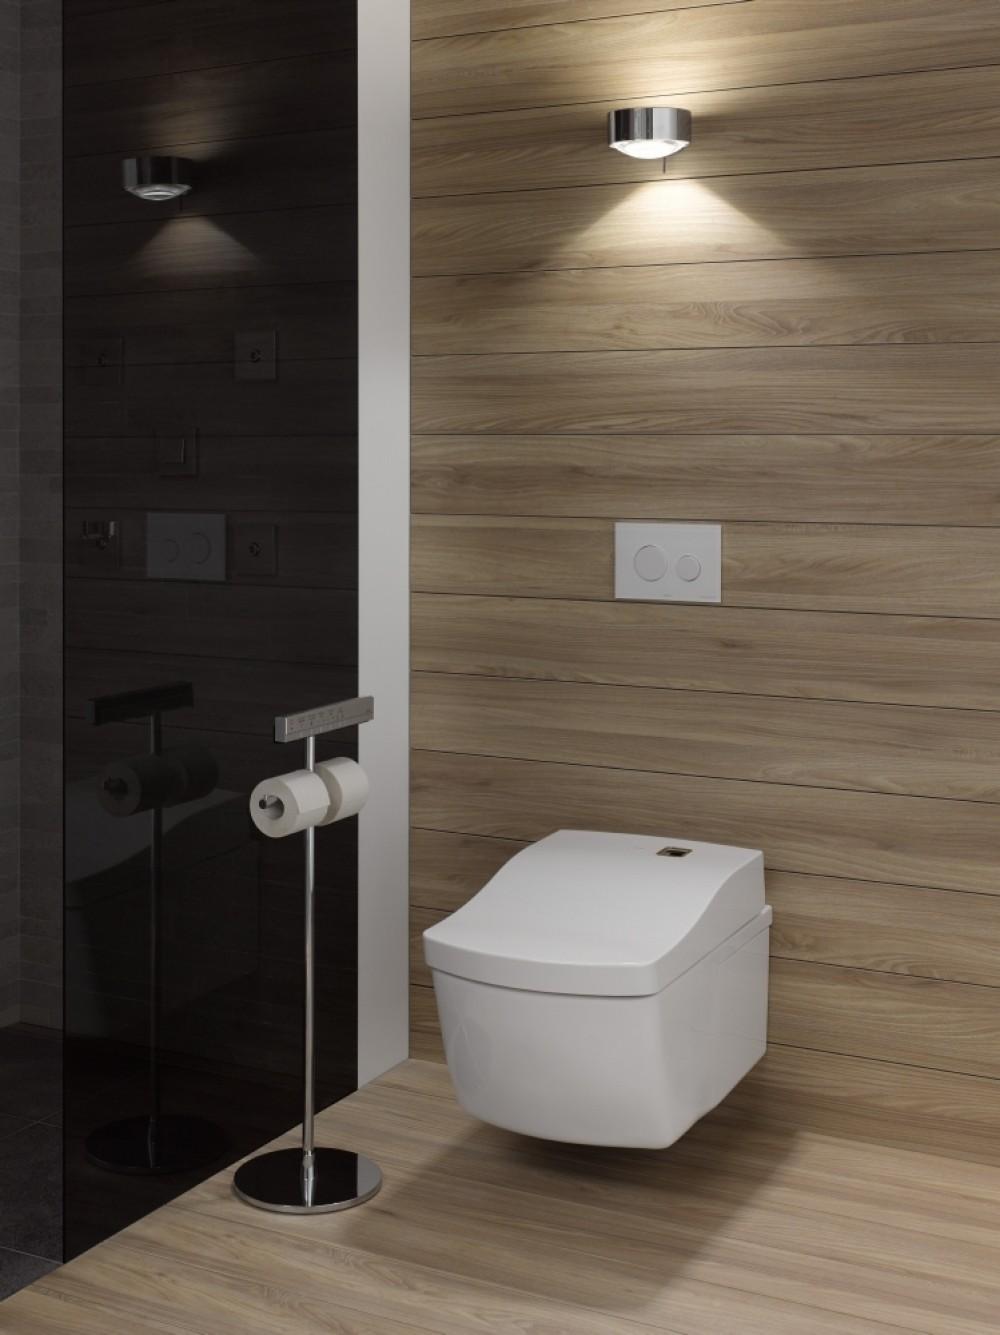 toto washlet dusch wc japaniches kaufen